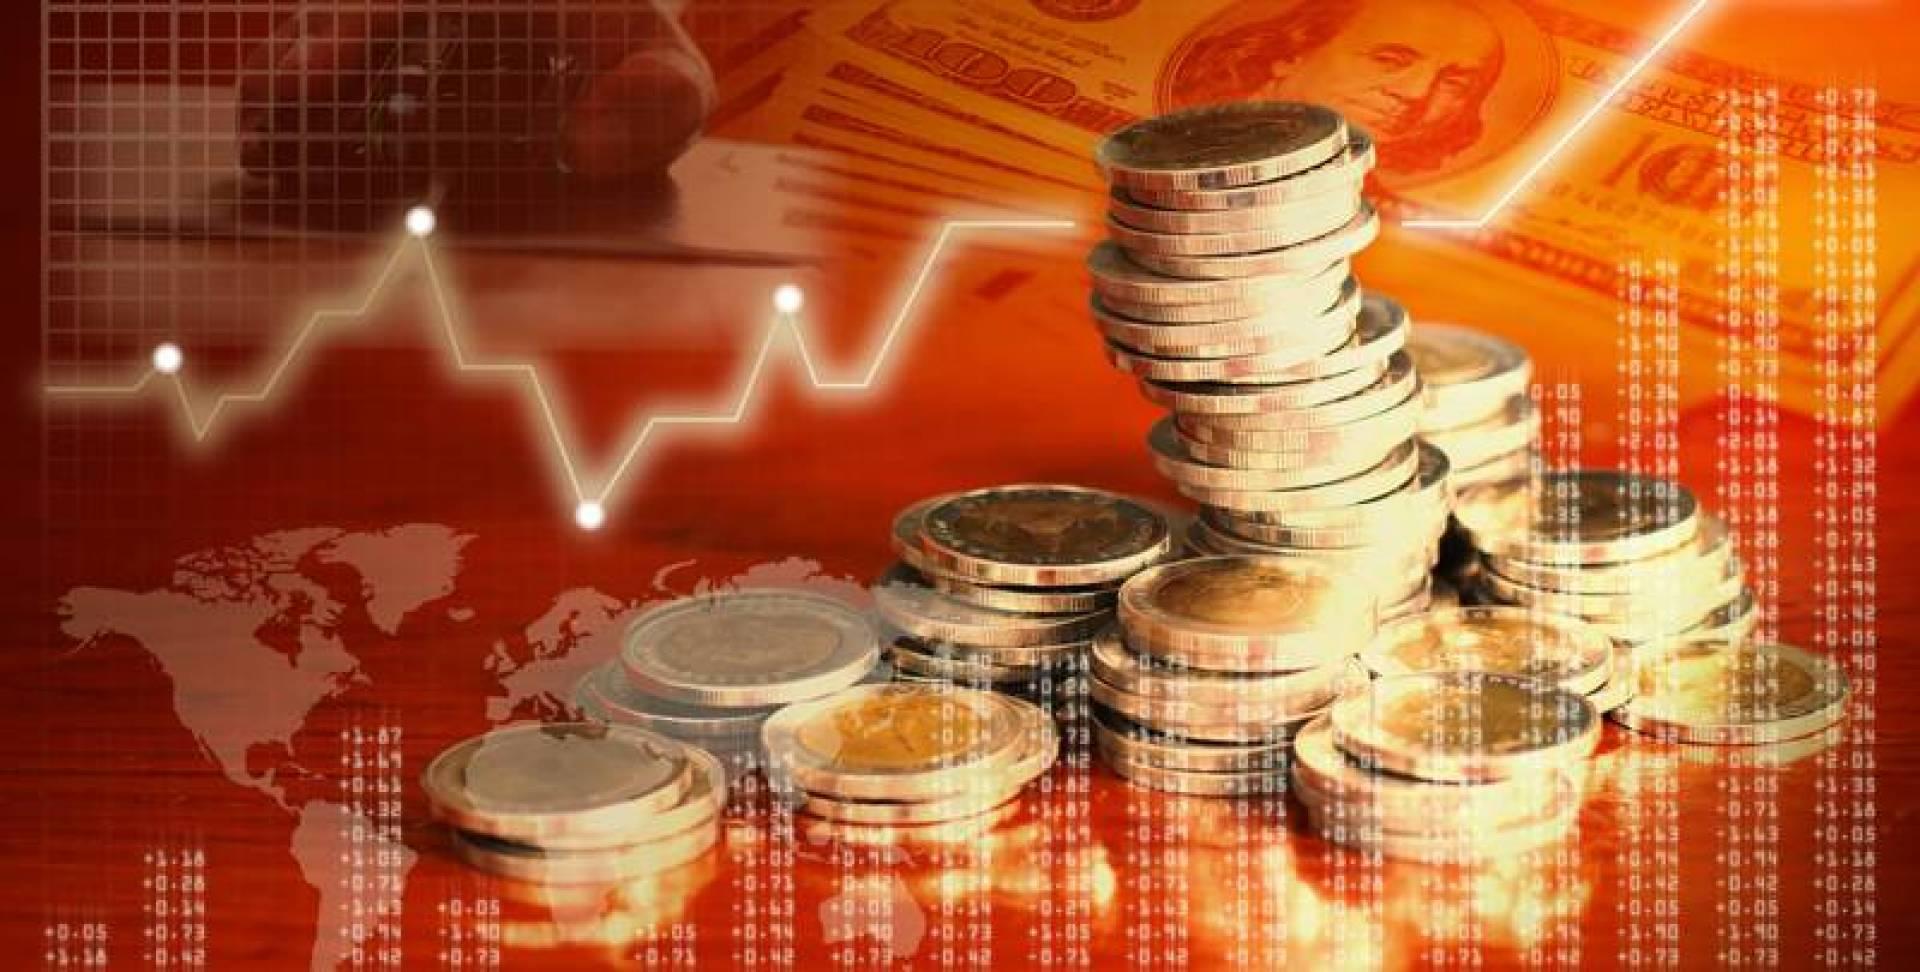 مقارنة بين العائد للأسهم والعائد للسندات - تابع المحاسبة على الأصول المتداولة